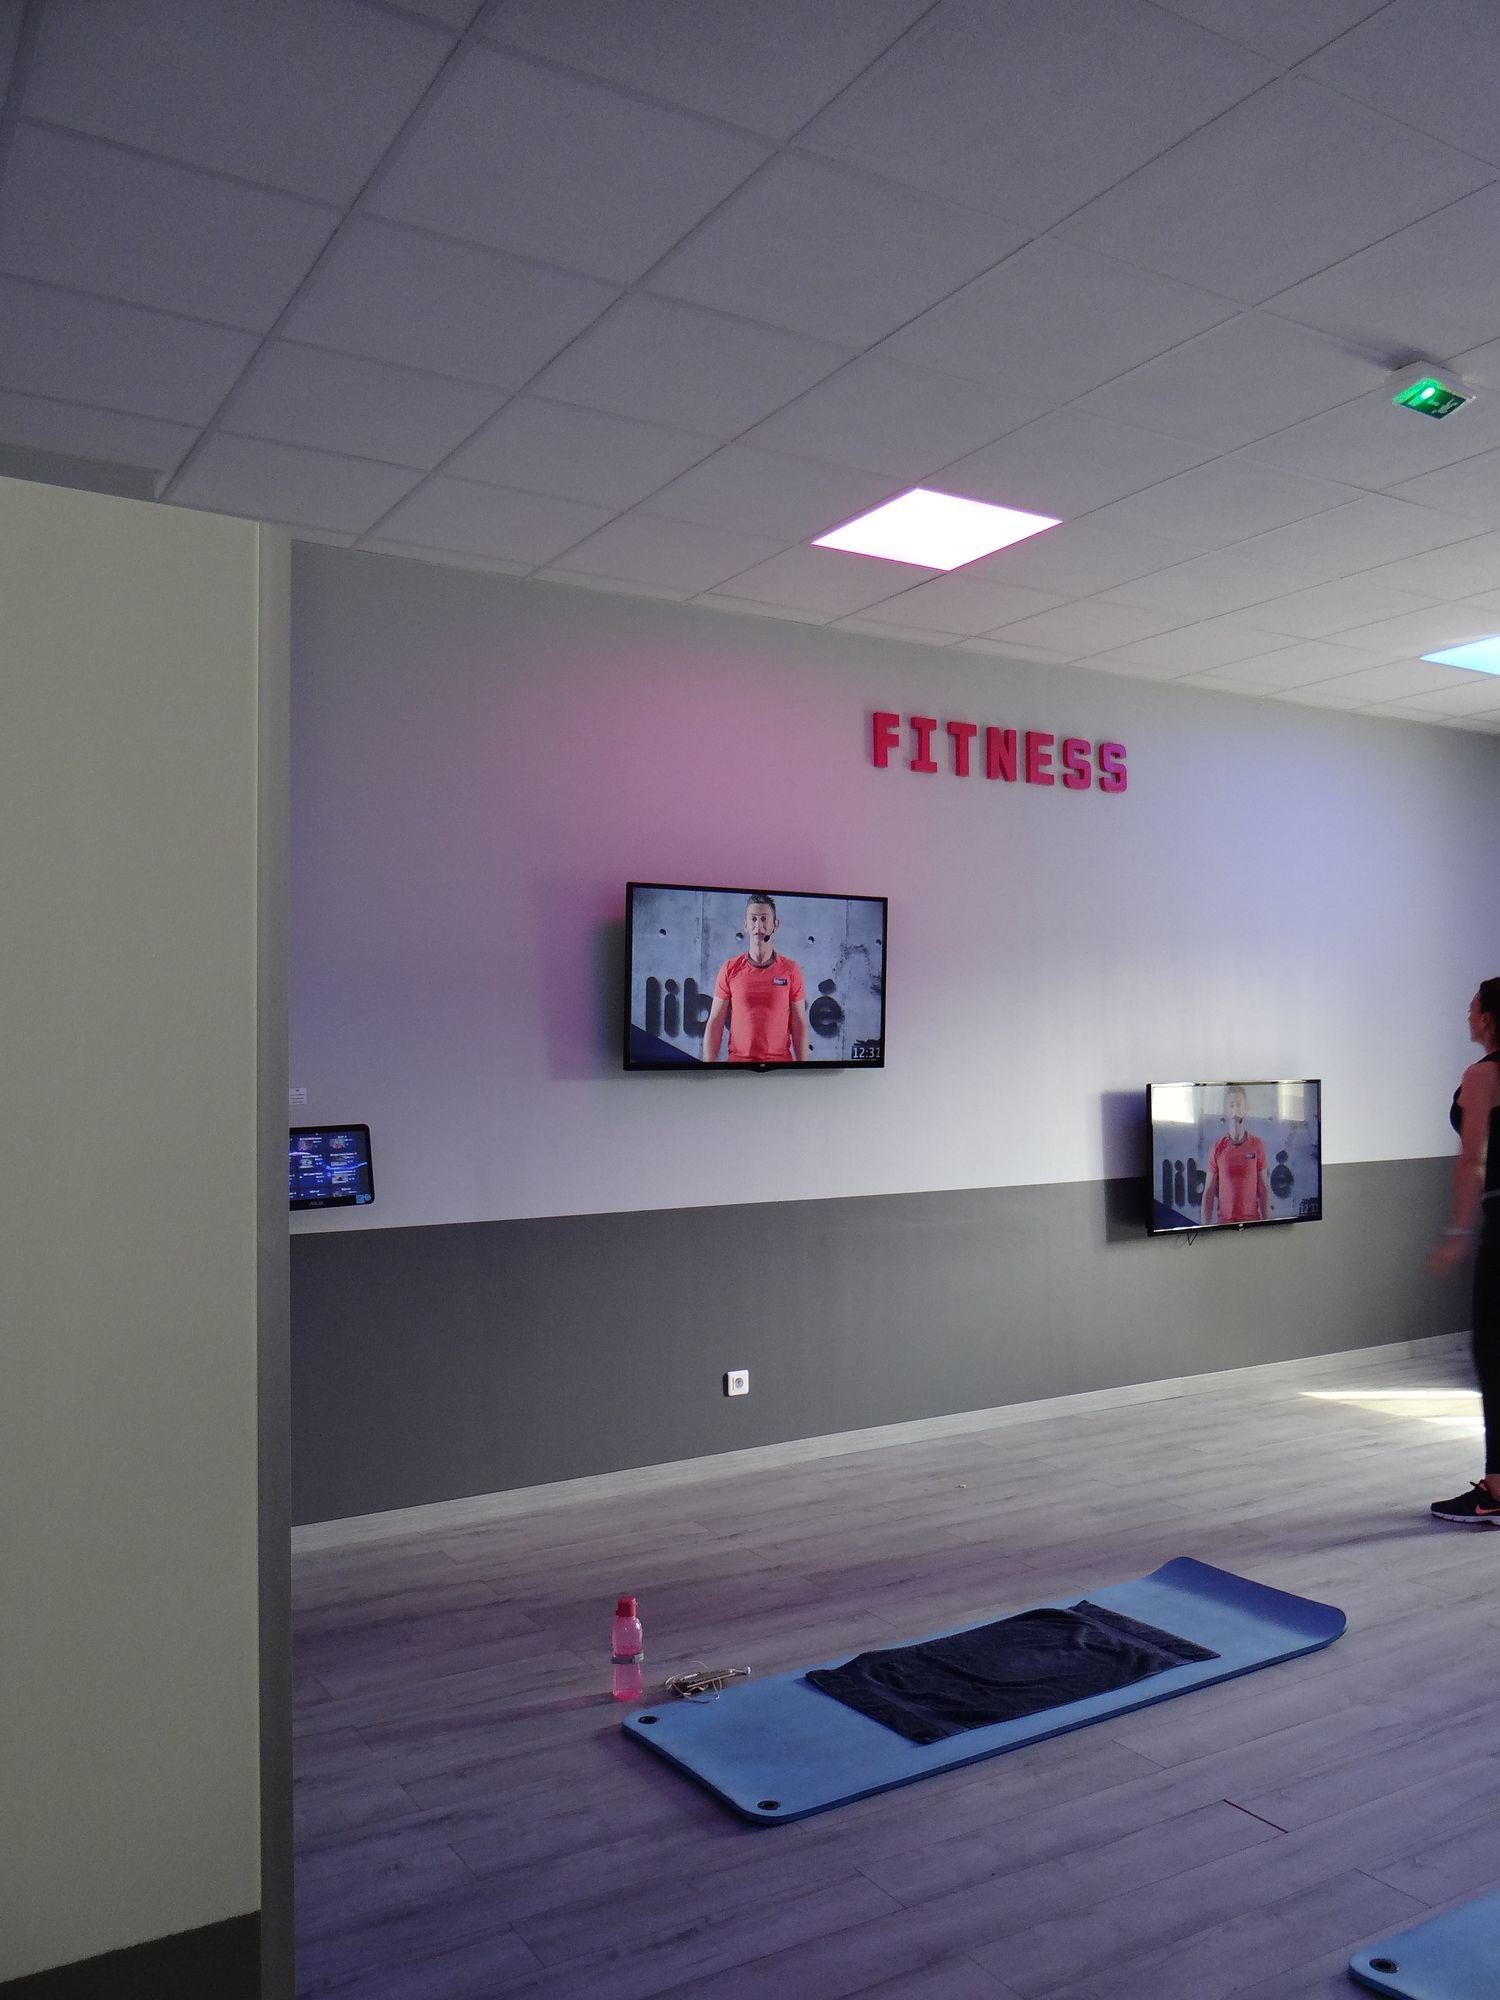 Salle de sport VIta liberté la Destrousse fitness